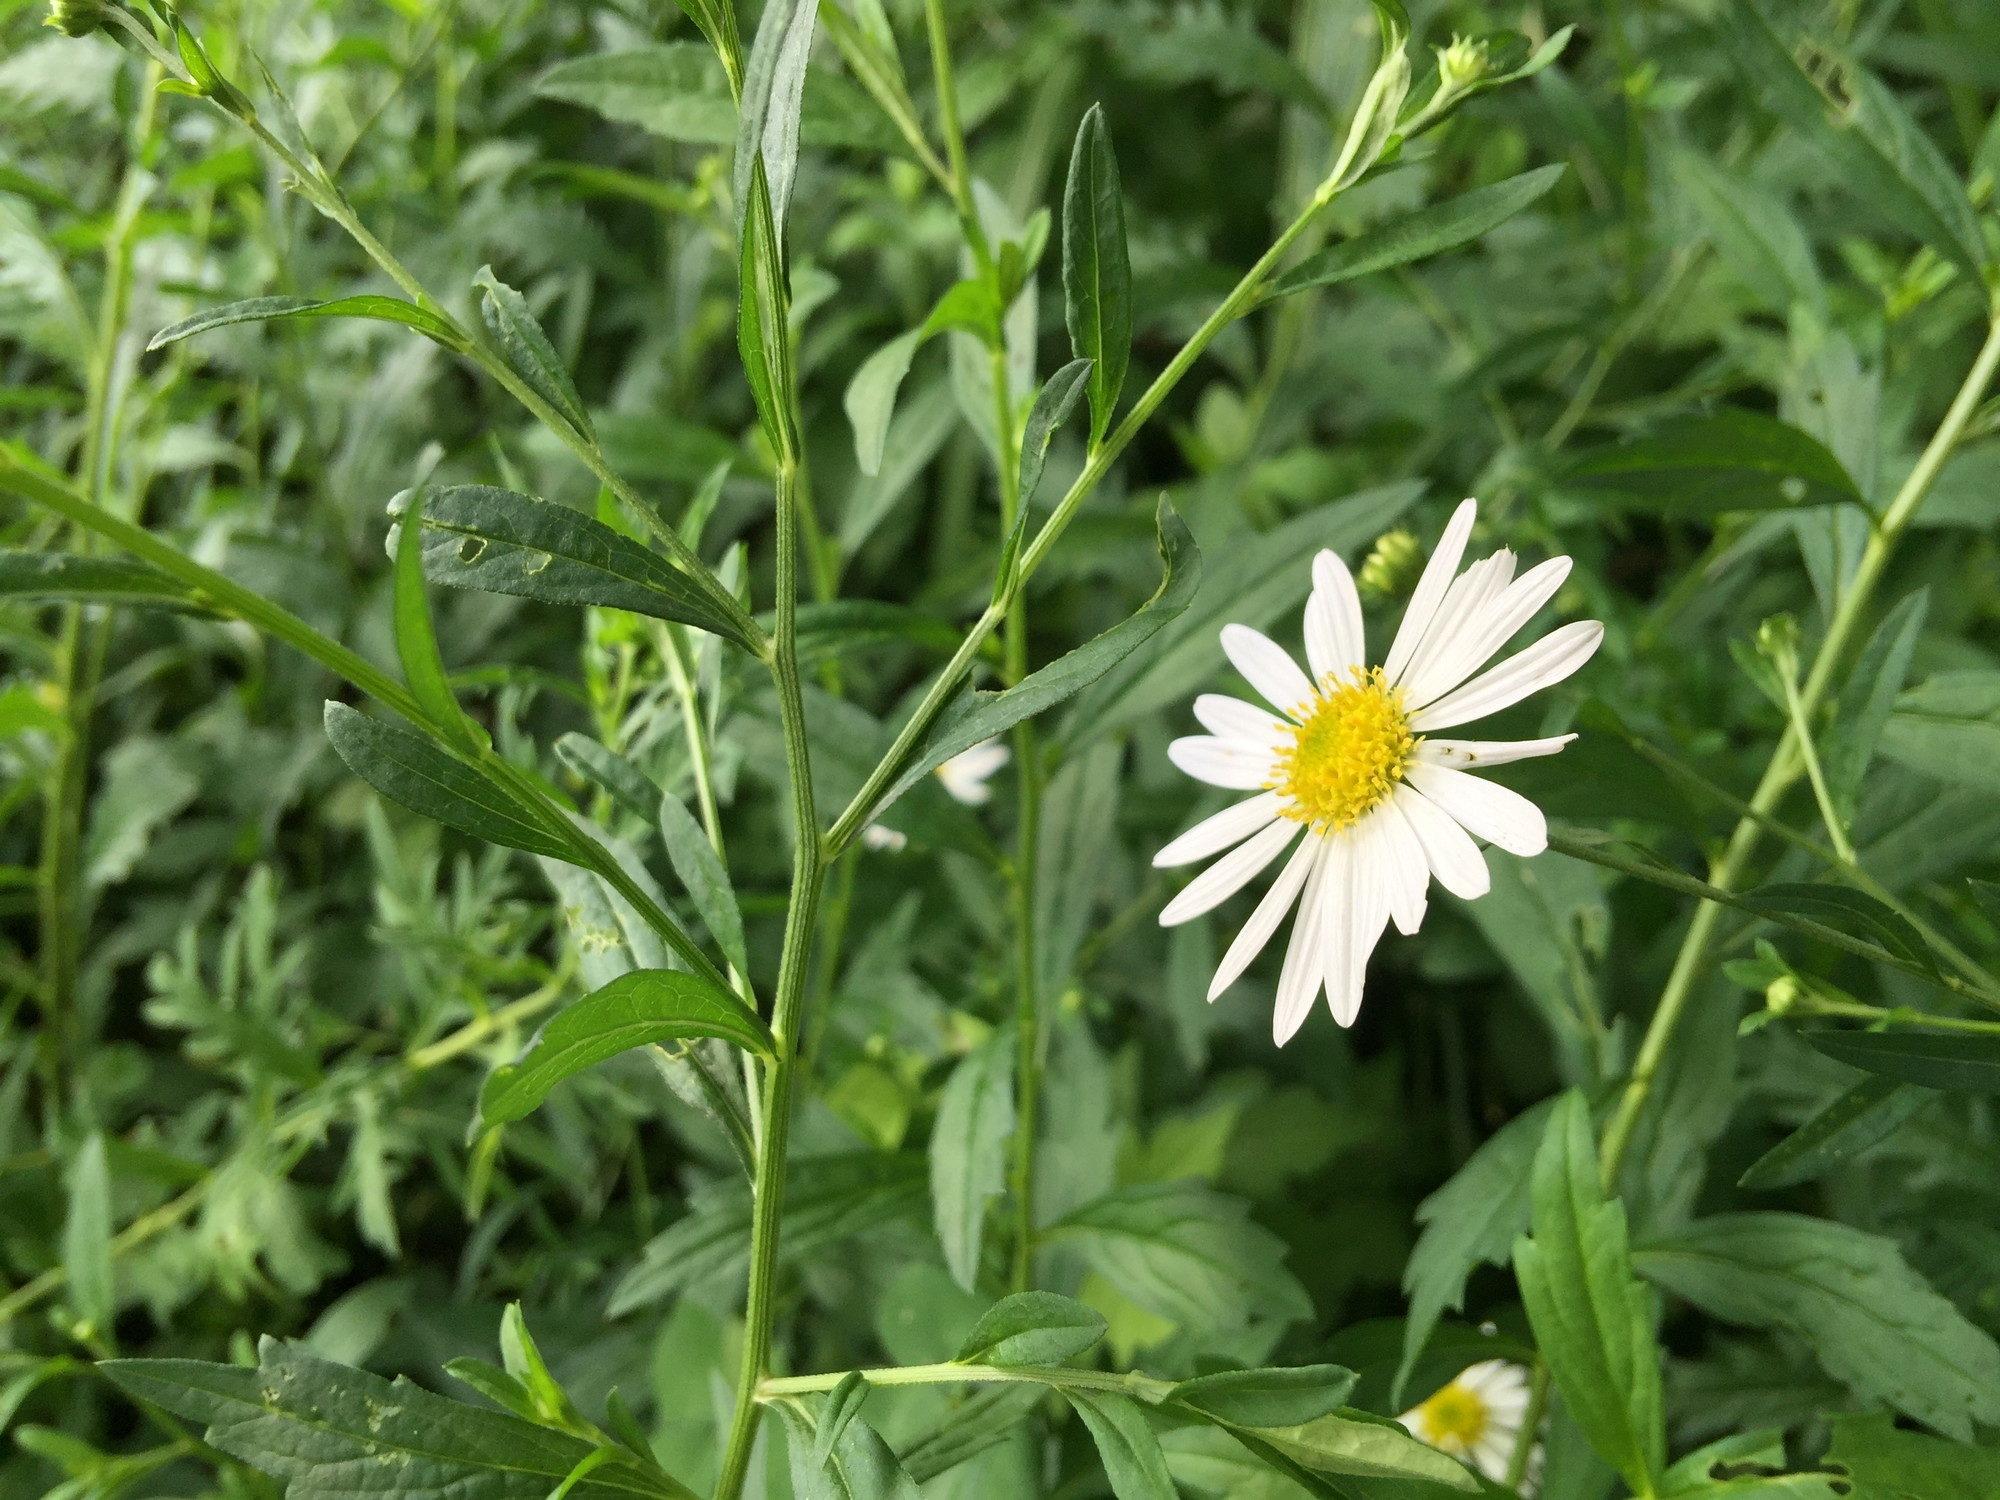 駒ヶ根の白い花